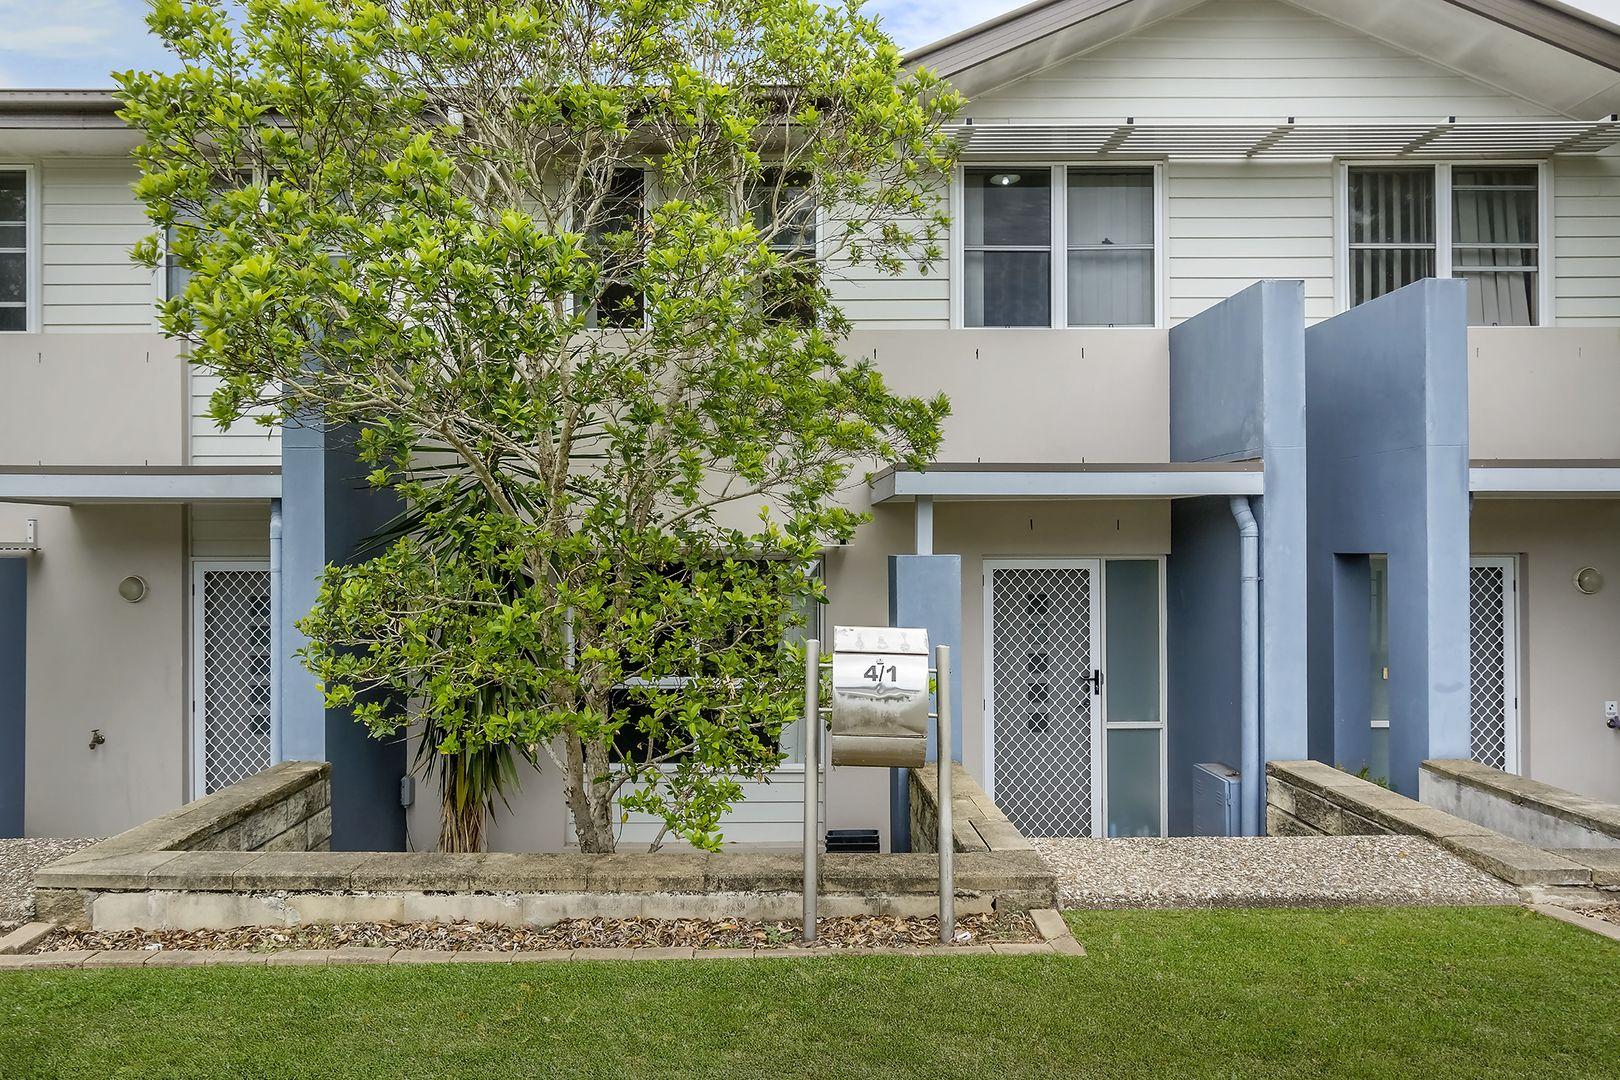 4/1 Mela Street, Coomera QLD 4209, Image 0